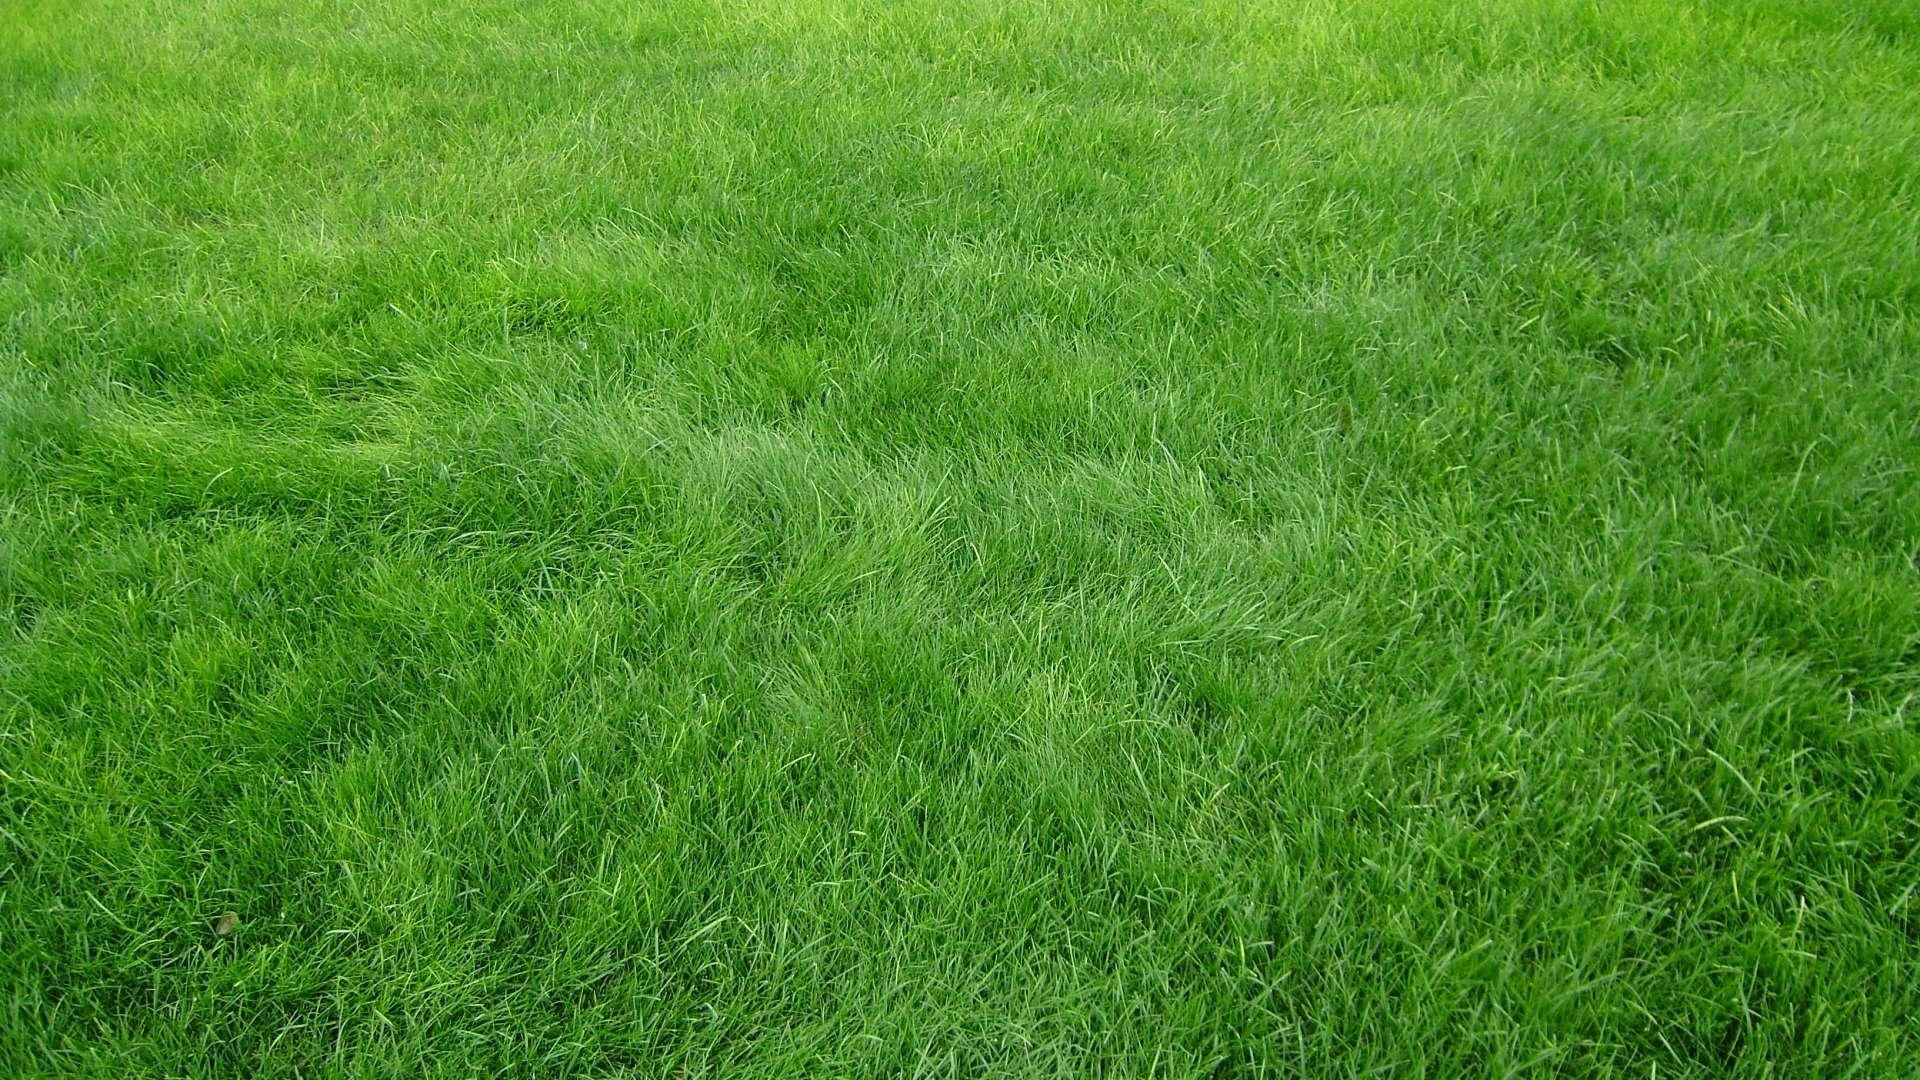 Wallpaper Grass texture